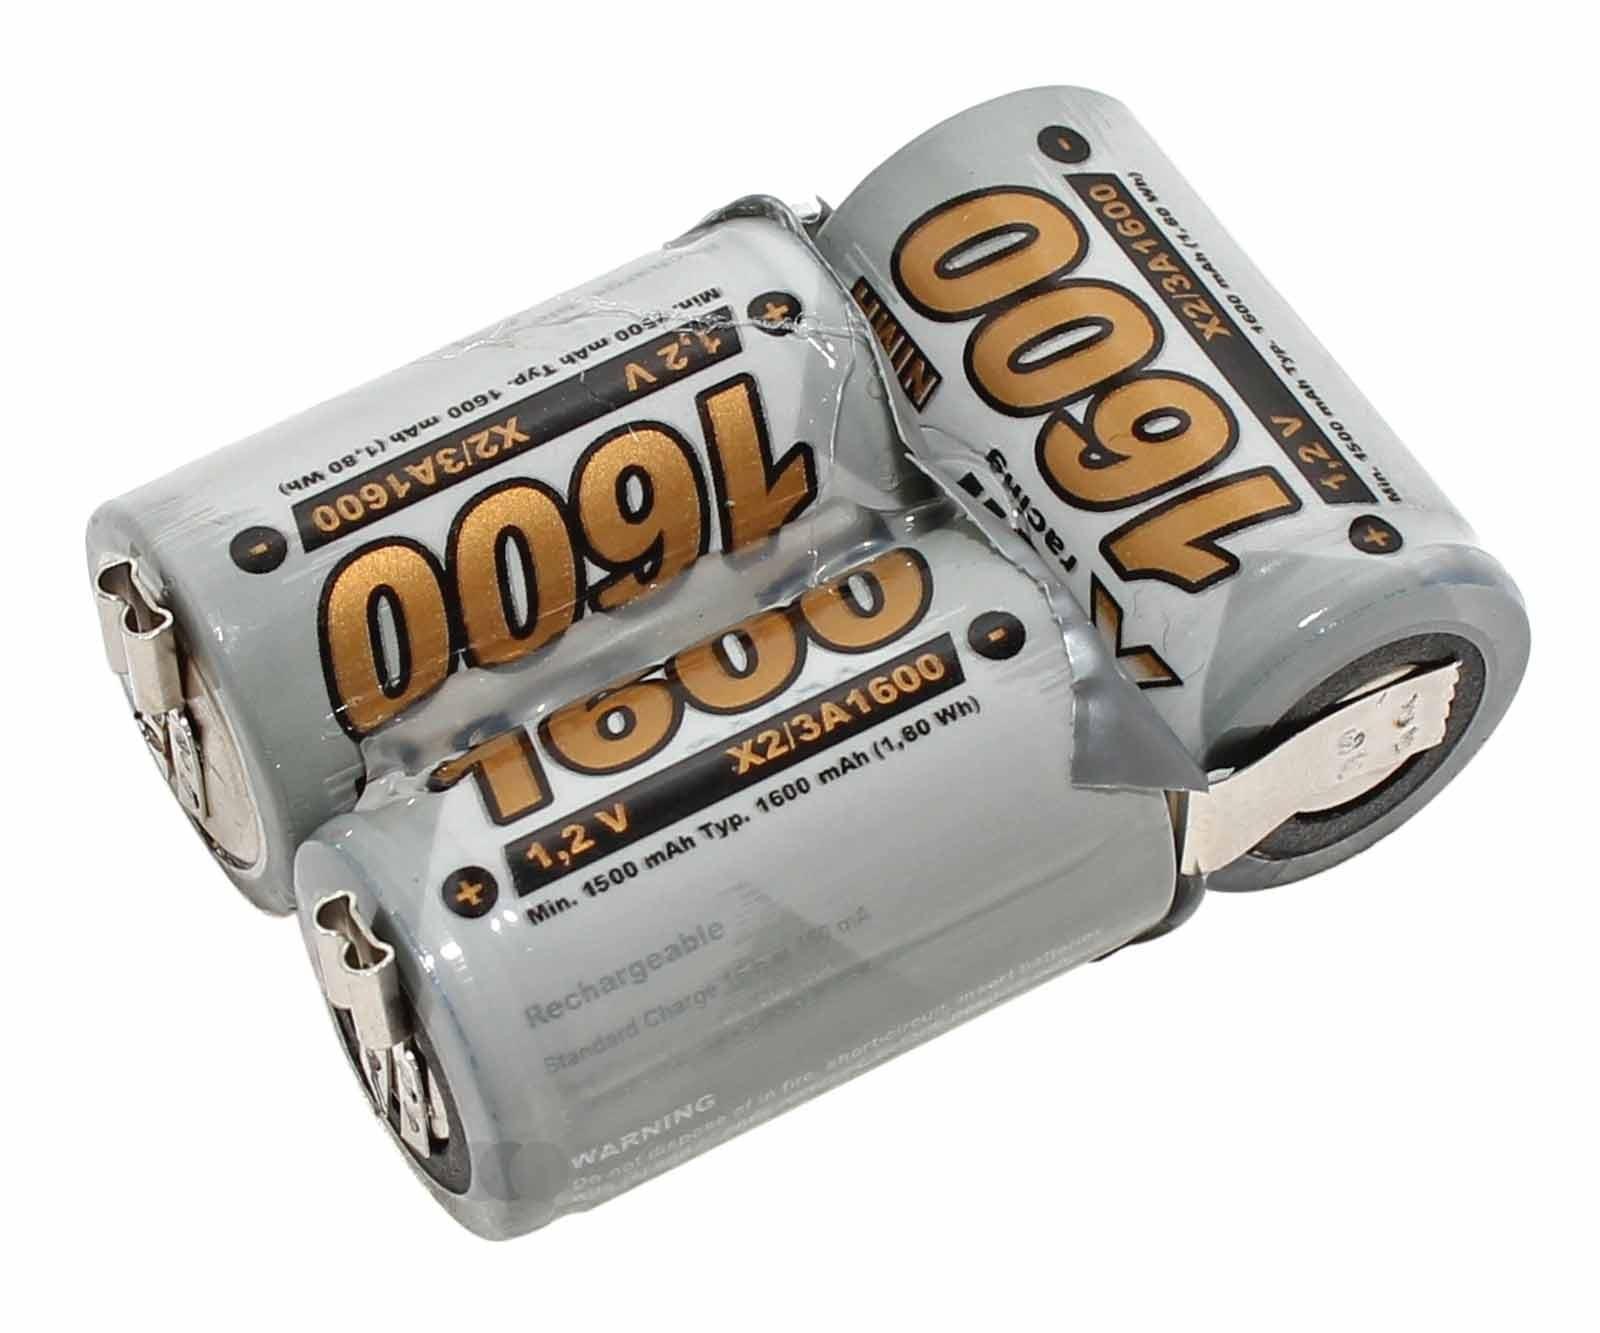 Akku-Pack für Wella Xpert HS50 zum Stecken - kein löten erforderlich